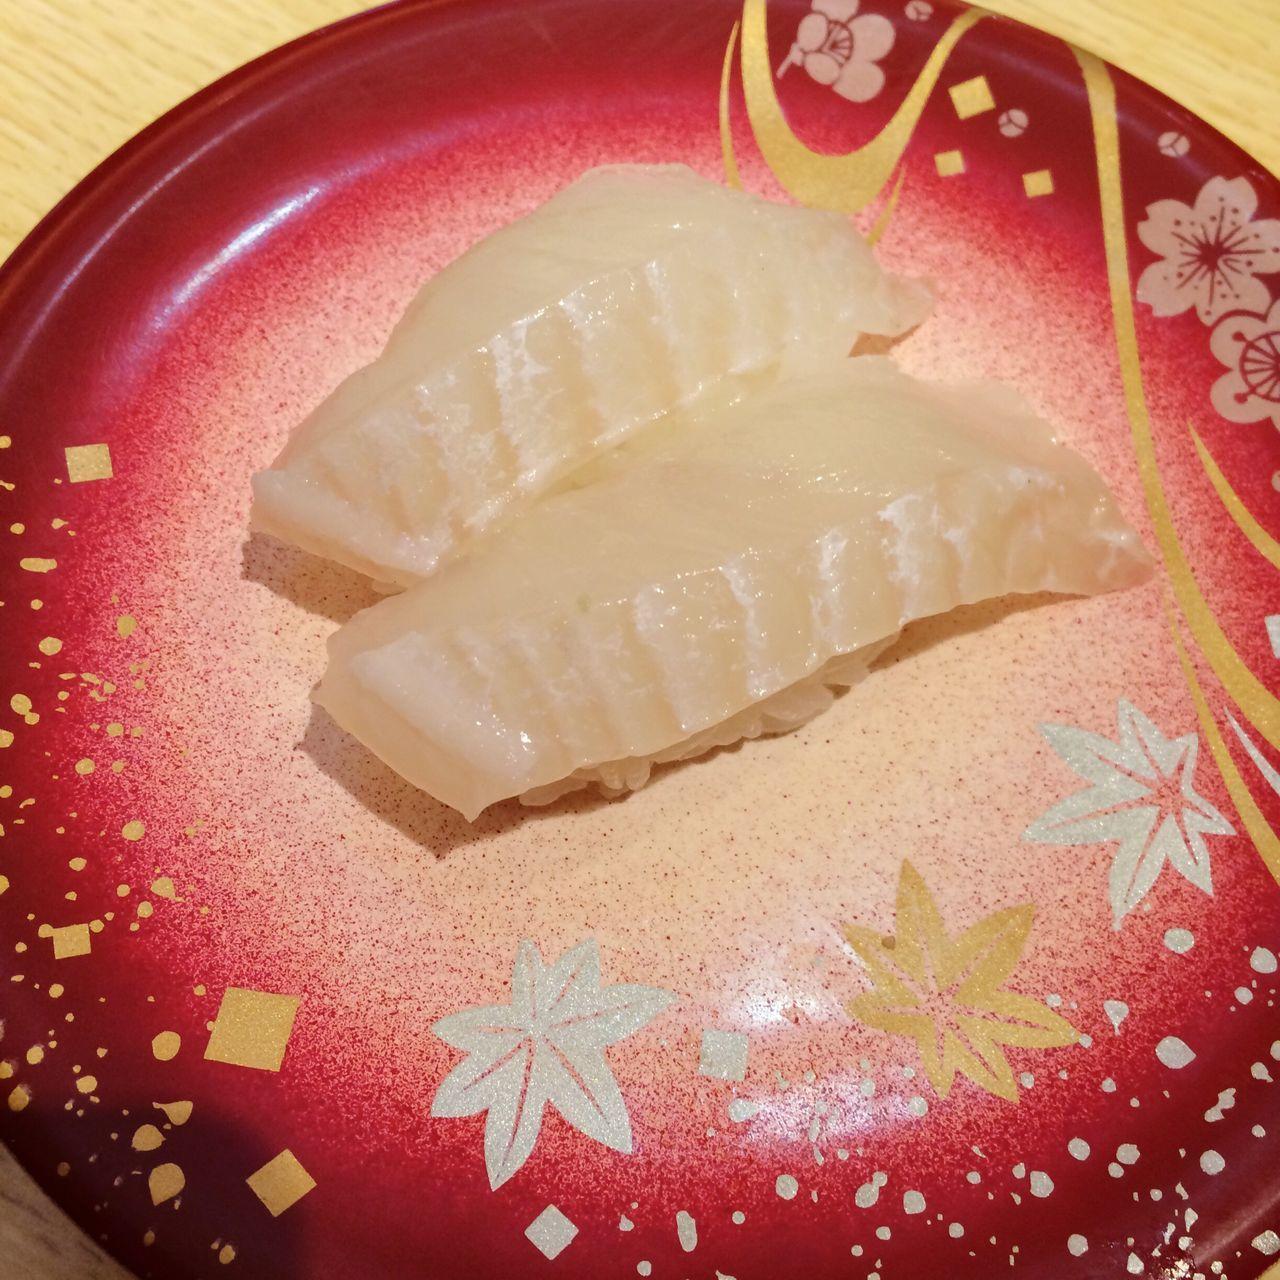 金沢 お寿司 寿司 鮨 すし 石川県 Sushi Sushi! Sushilover Sushi Time Sushi Restaurant Sushitime Kanazawa,japan Kanazawa Food Photography Foodphotography Food Fish Ishikawa-ken Ishikawa Japan